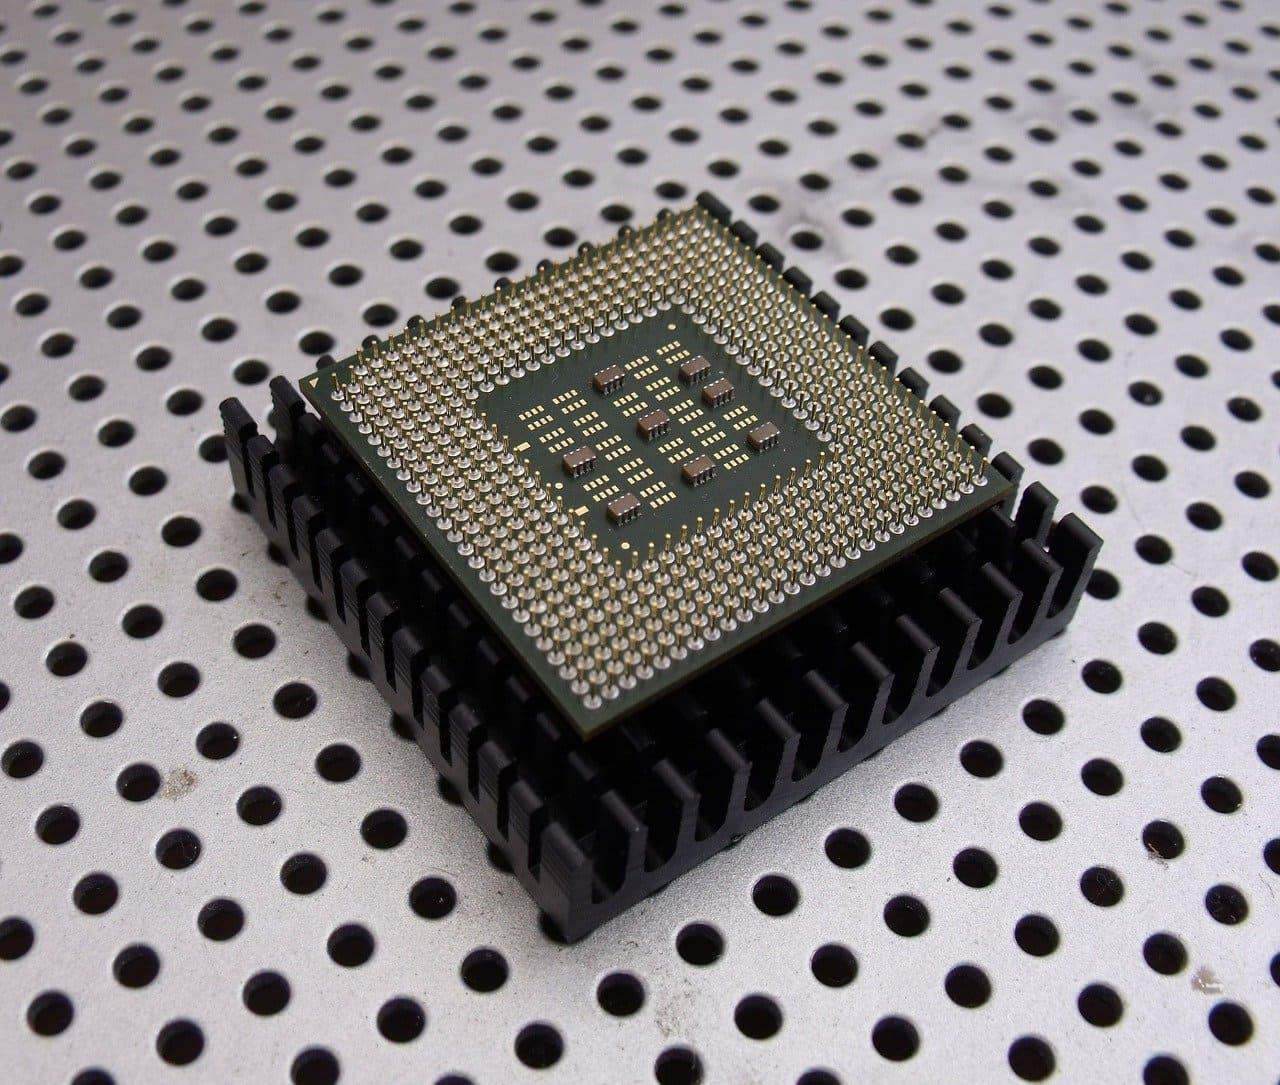 Qué es el microchip: Definición y principales usos